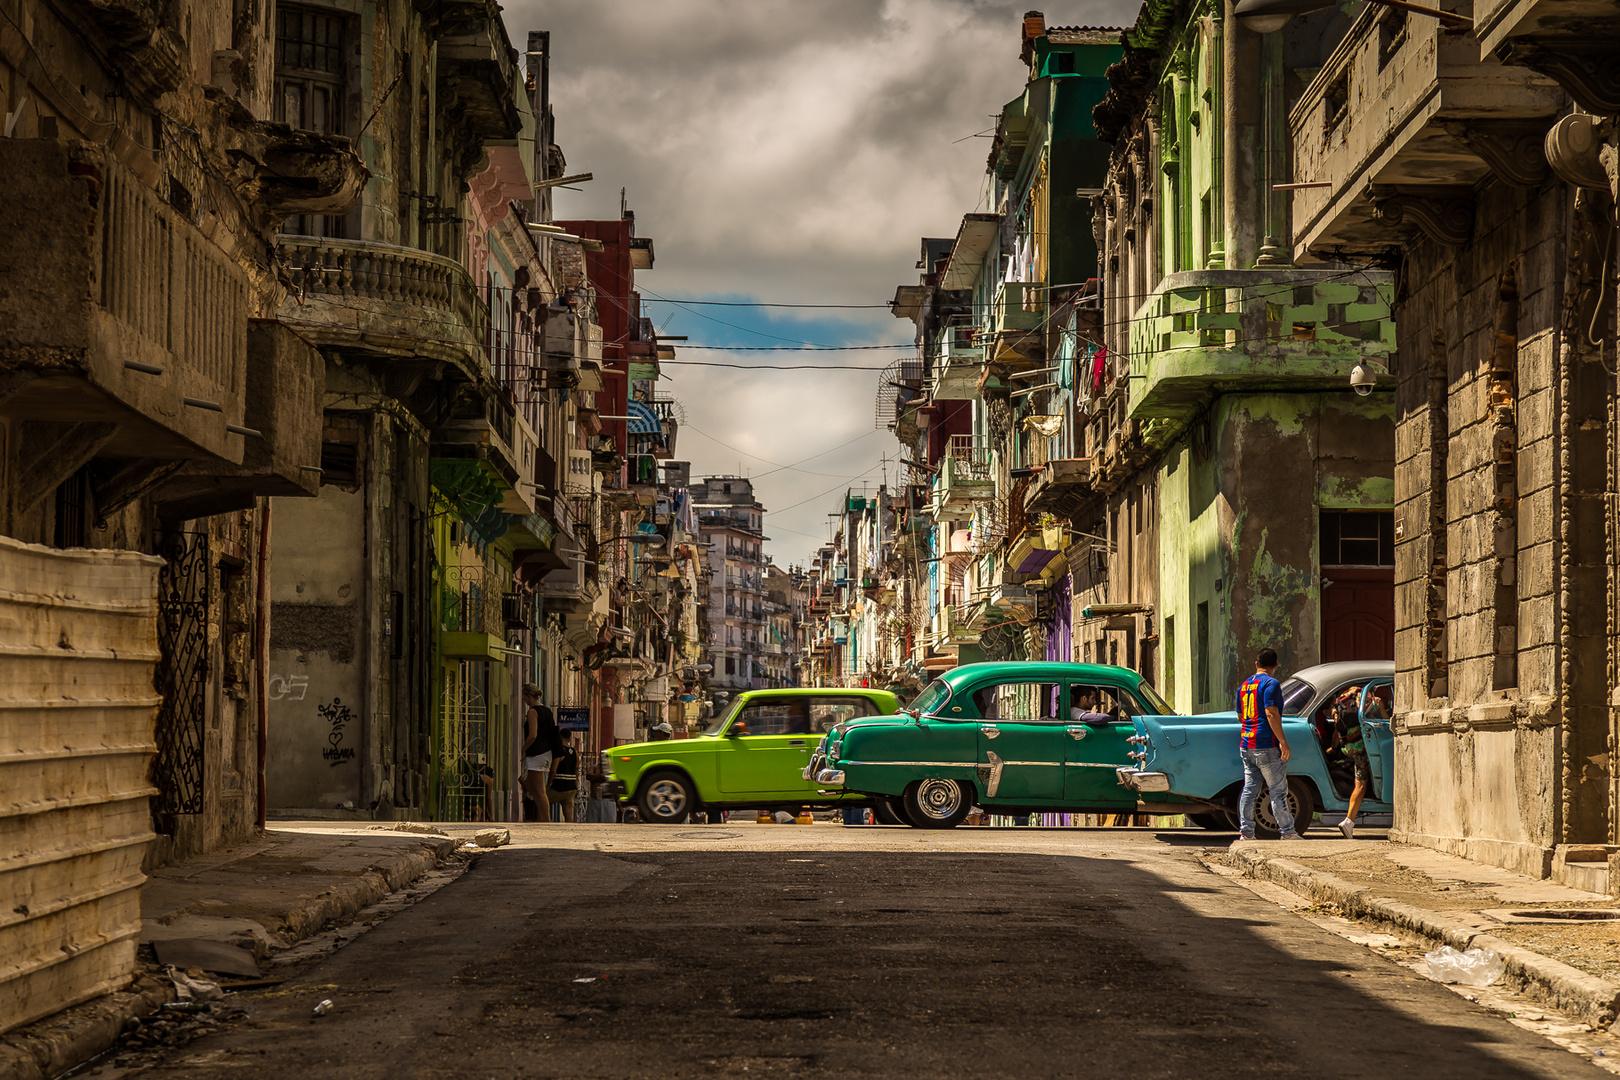 Habana verde